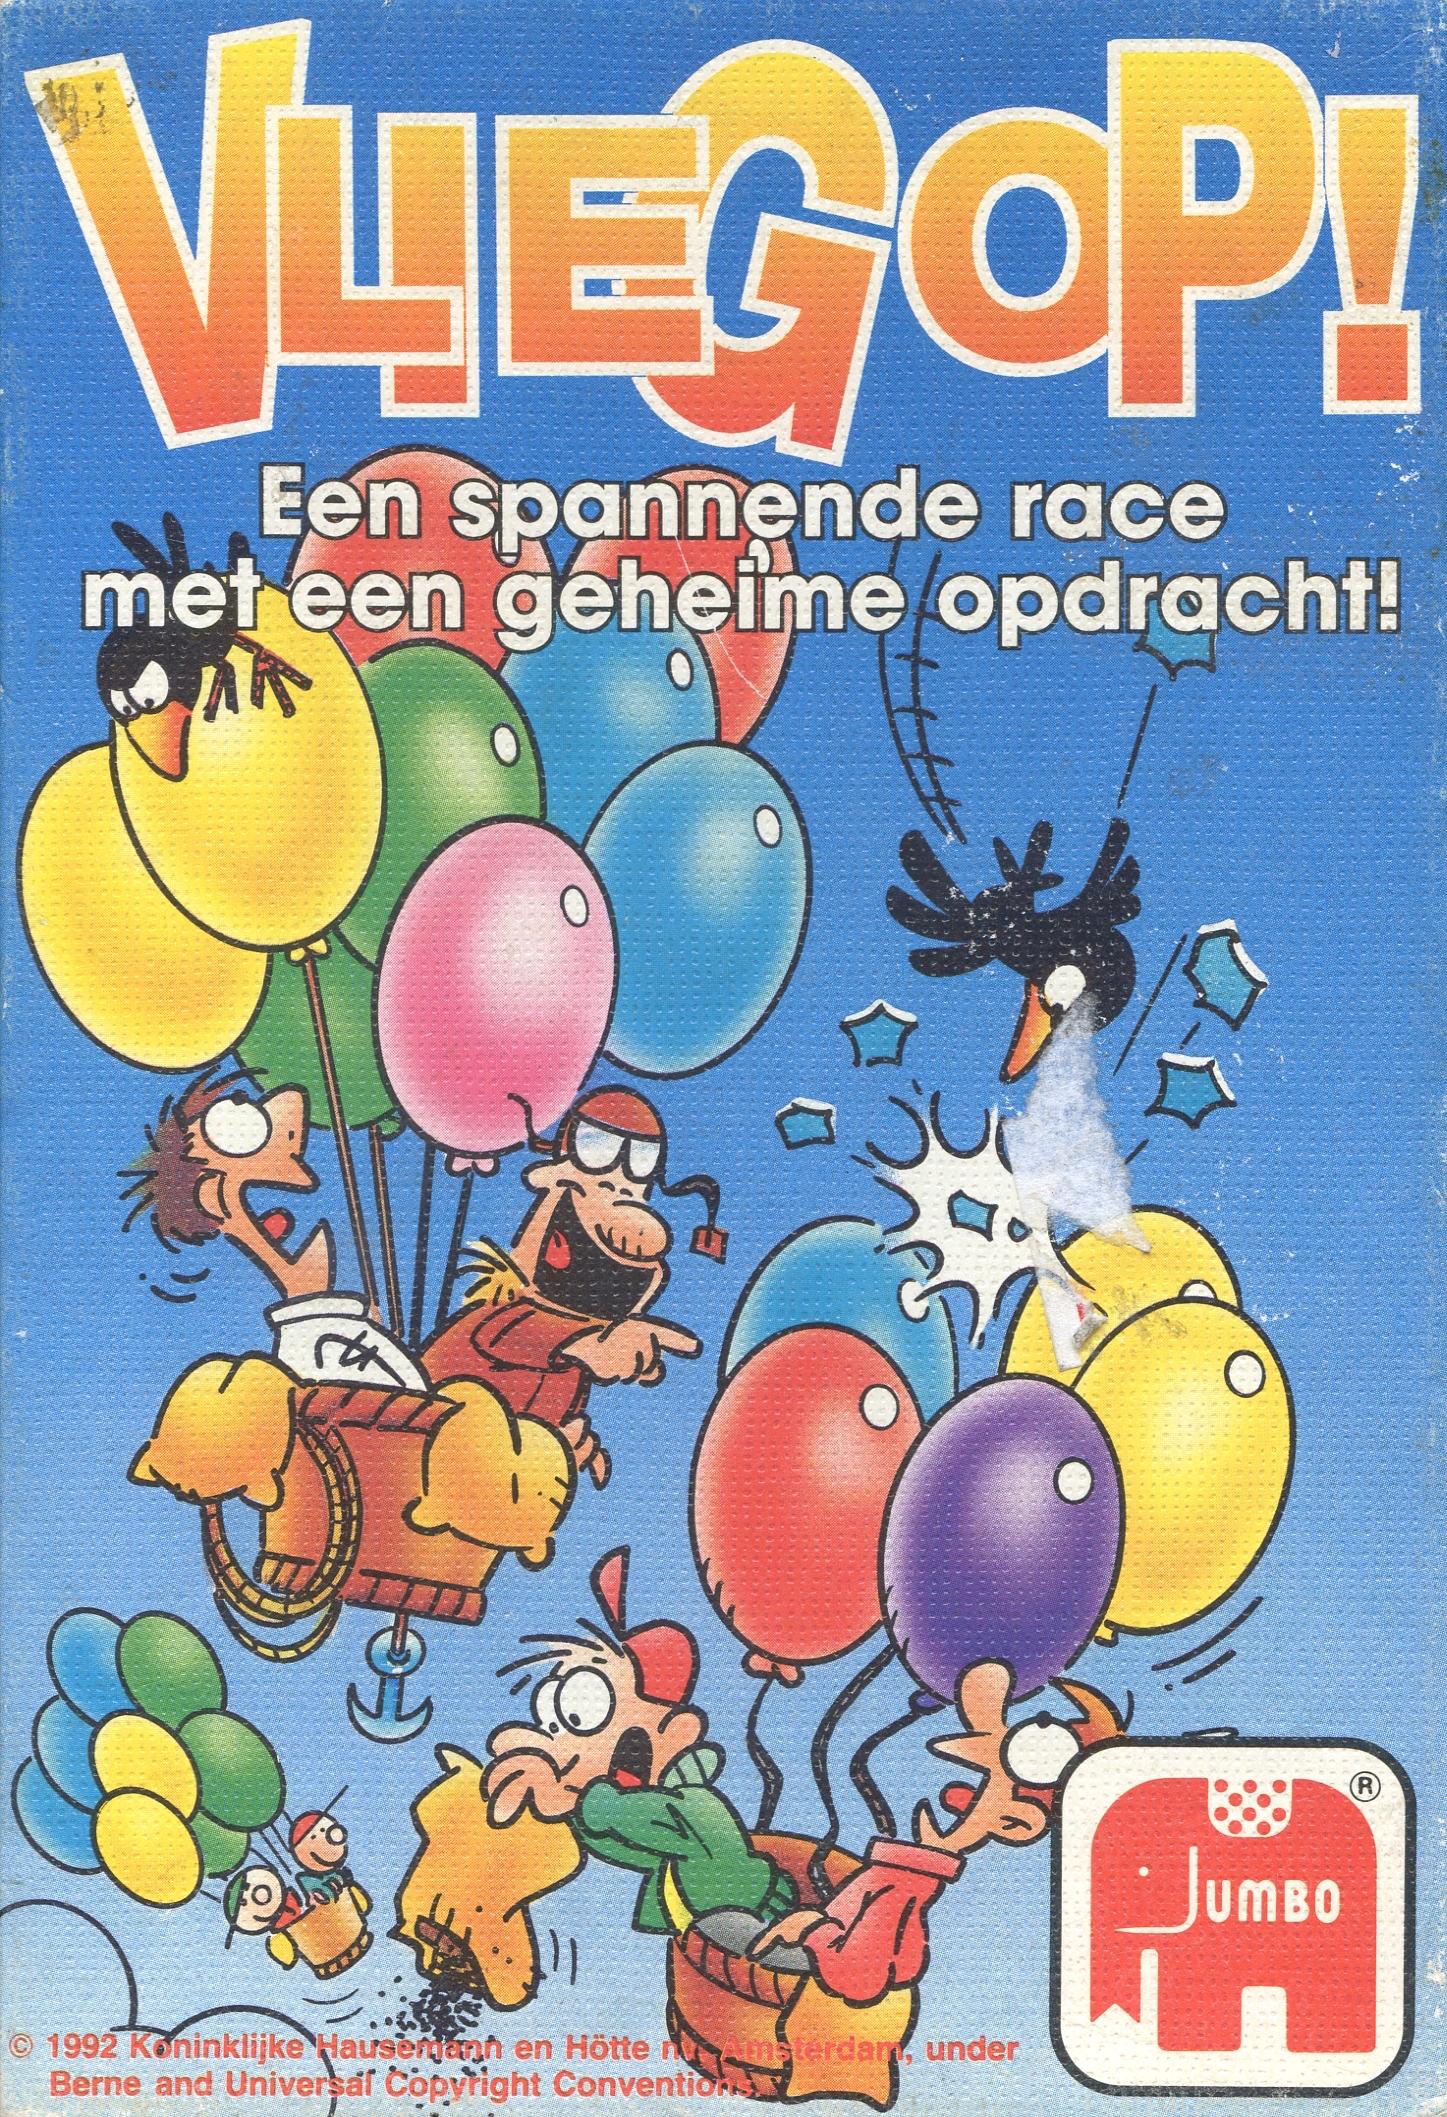 Vlieg op! (Een spannende race met een geheime opdracht!)